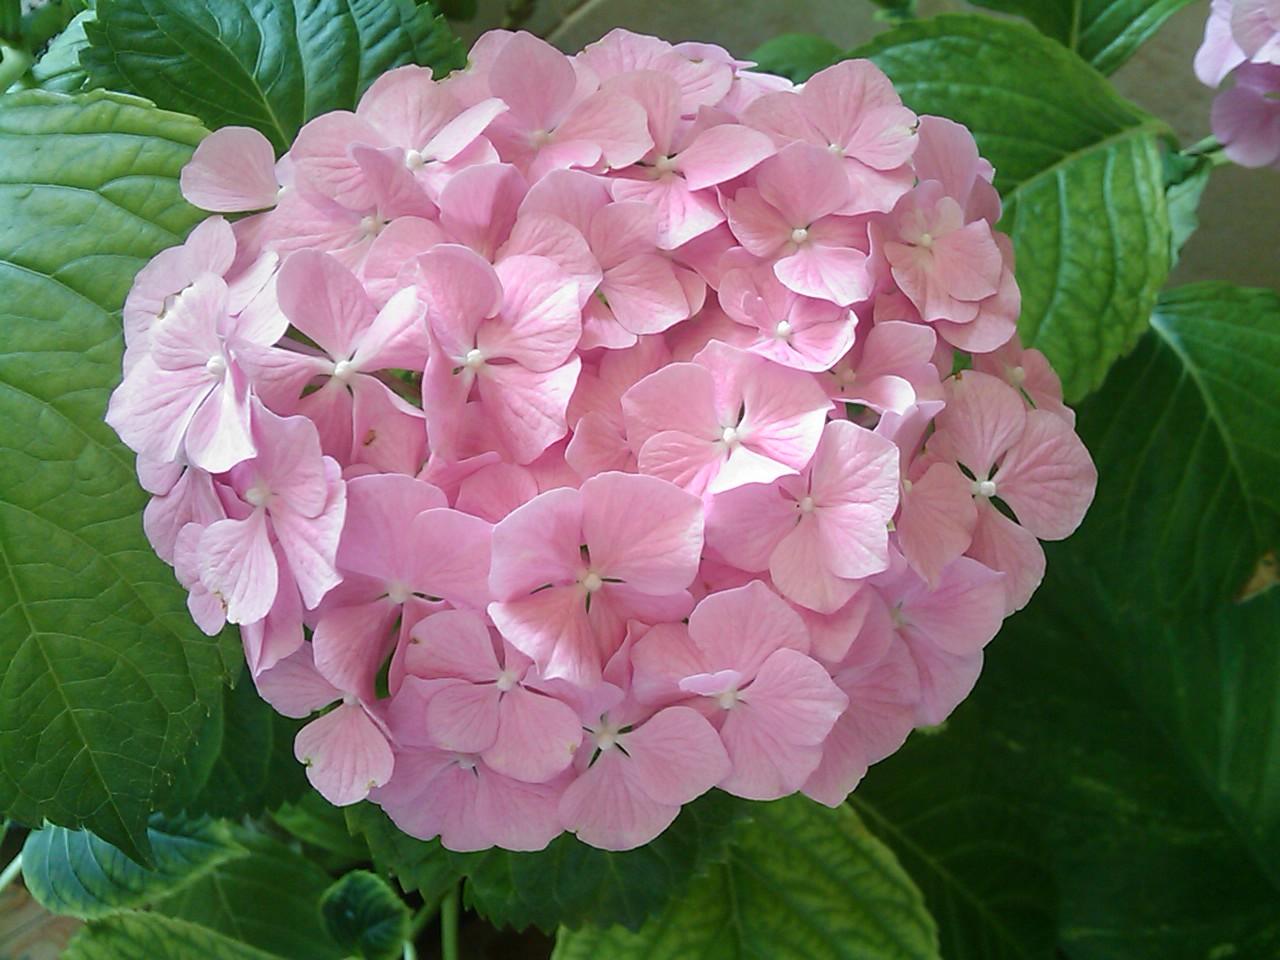 hortensia en flor imagen foto naturaleza diversa naturaleza fotos de fotocommunity. Black Bedroom Furniture Sets. Home Design Ideas